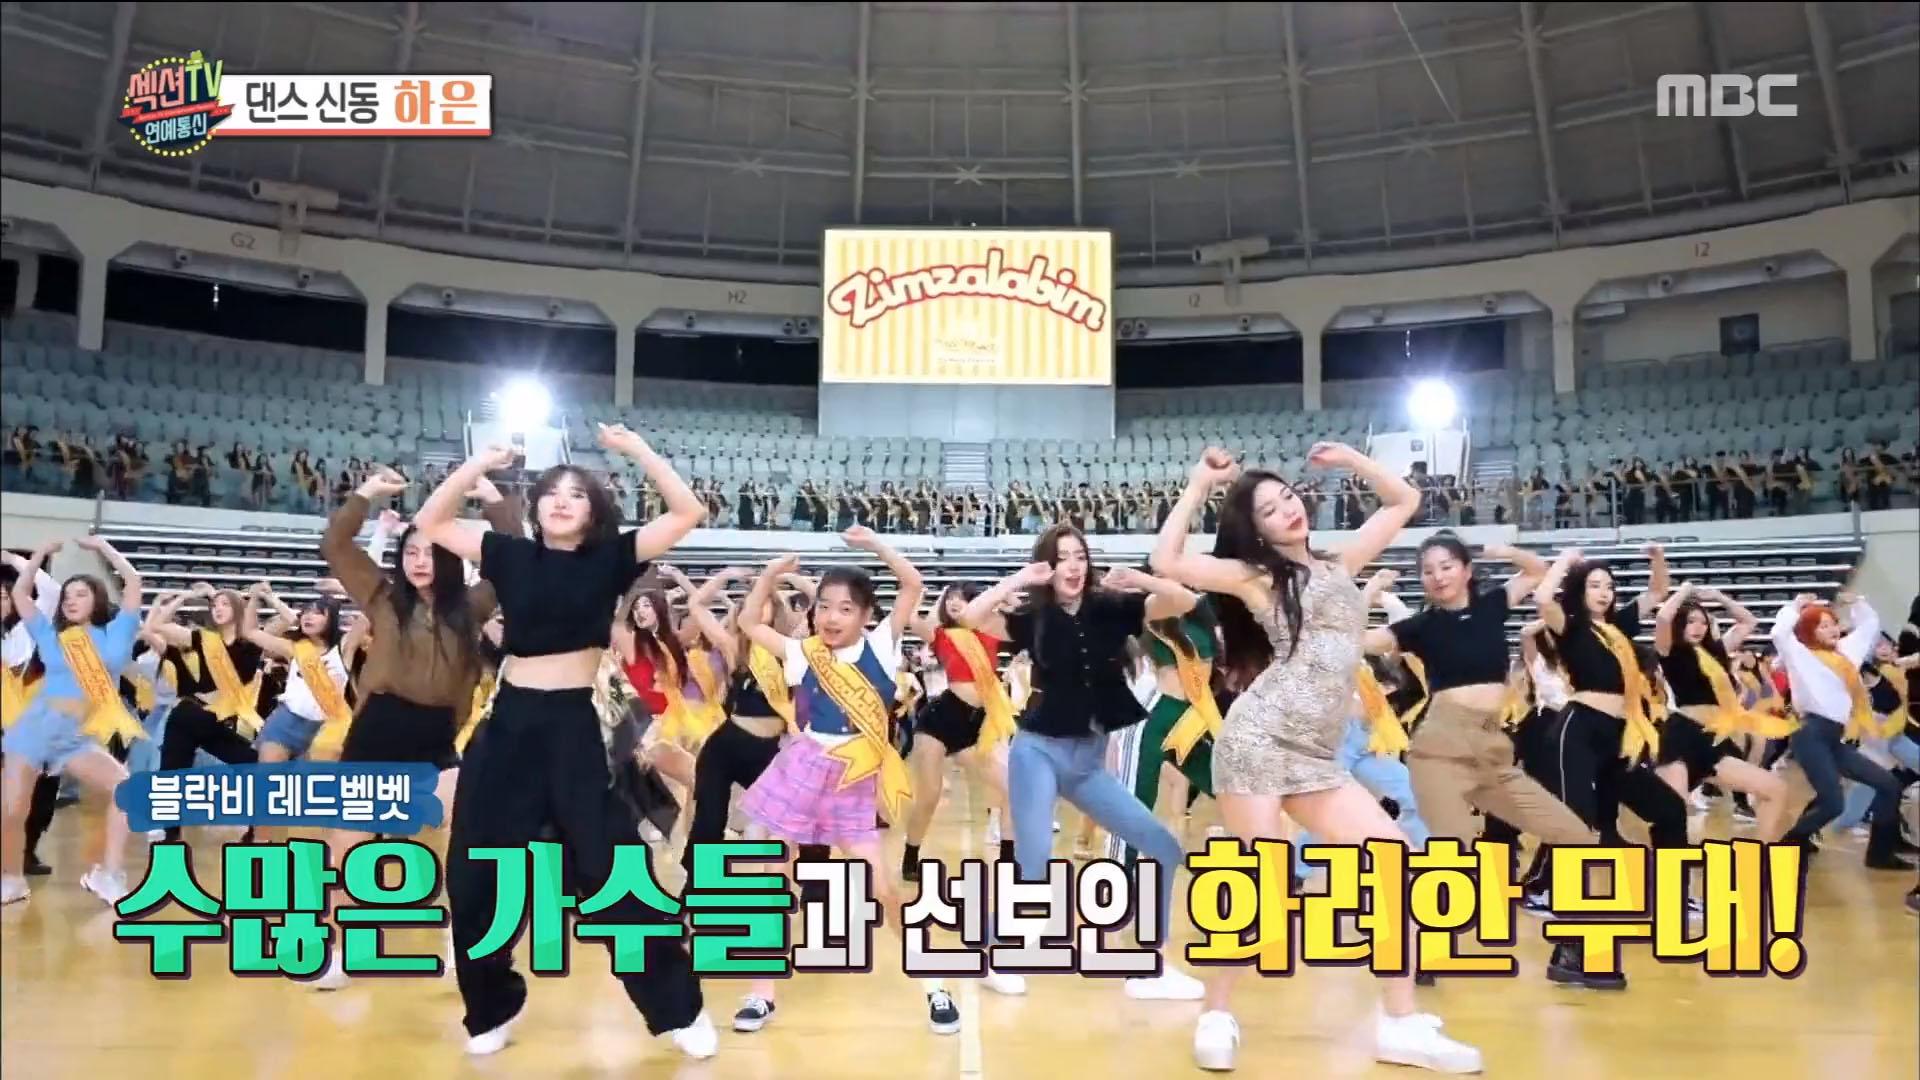 '섹션TV 연예통신' 댄스 신동 나하은! BTS의 FAKE LOVE 뜻 몰라 어려웠다